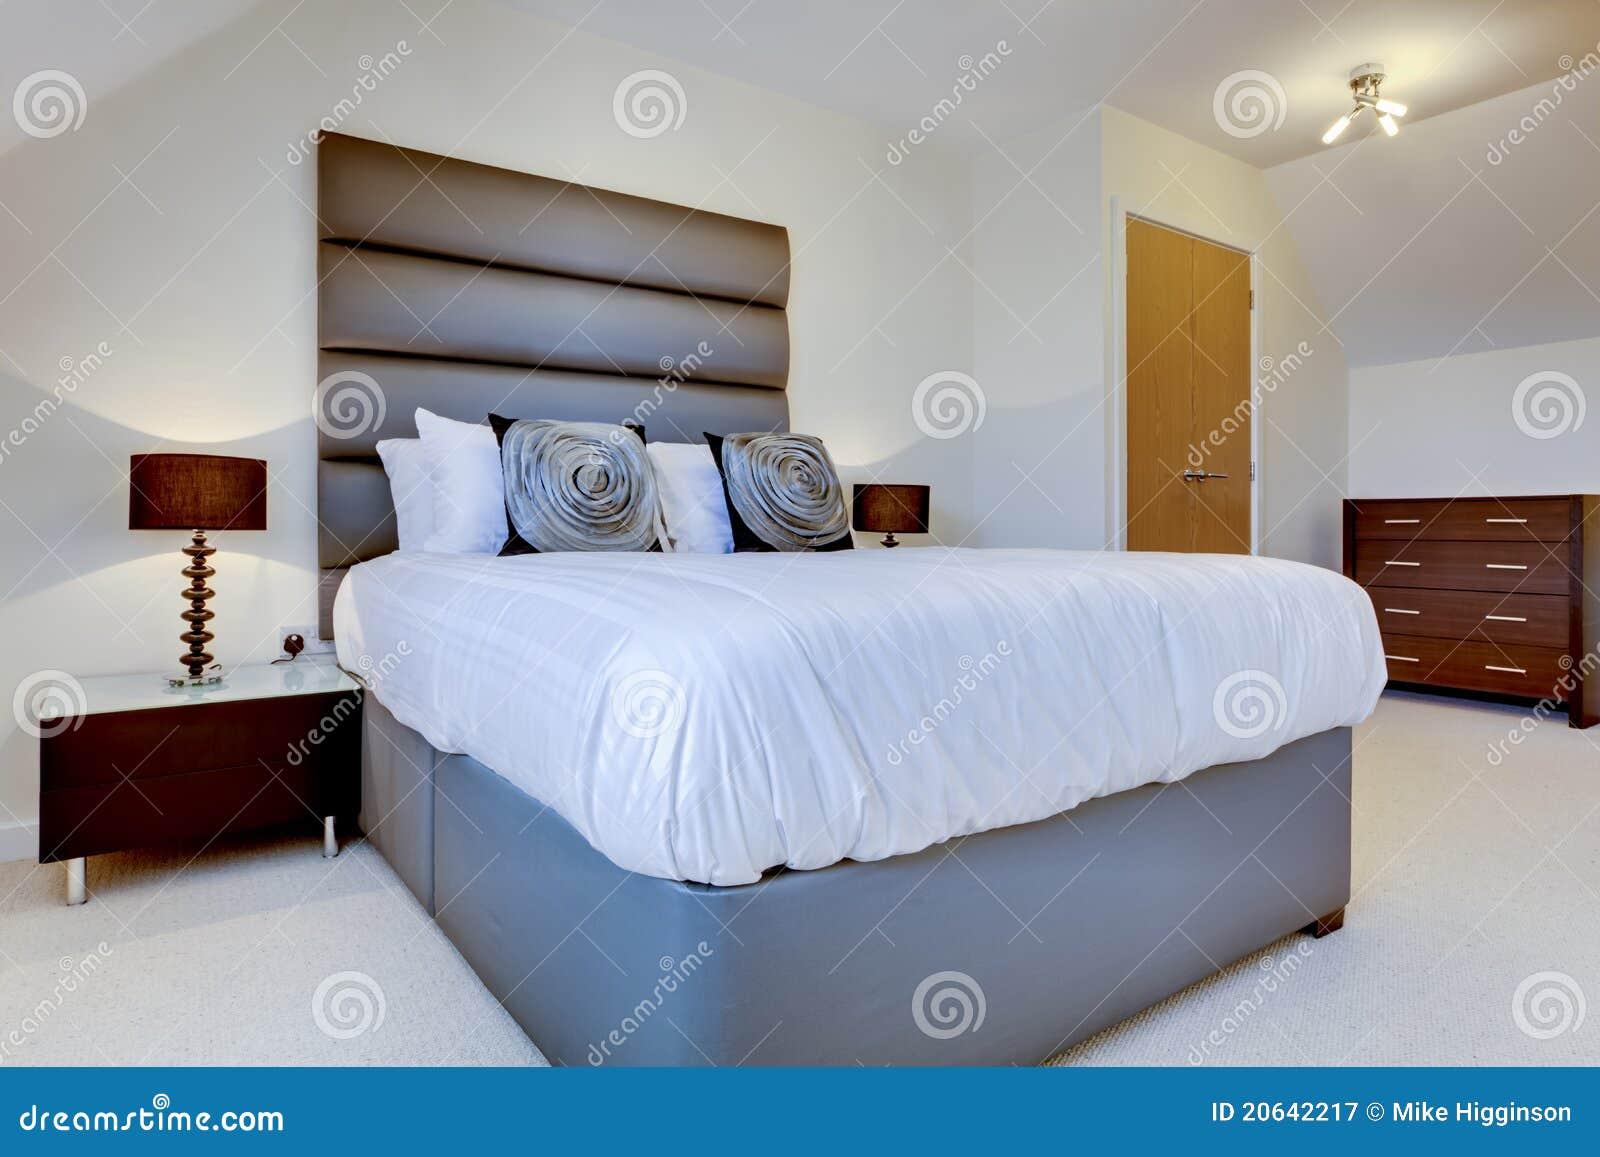 Muurschilderingen slaapkamer volwassenen beste inspiratie voor huis ontwerp - Slaapkamer stijl volwassene ...